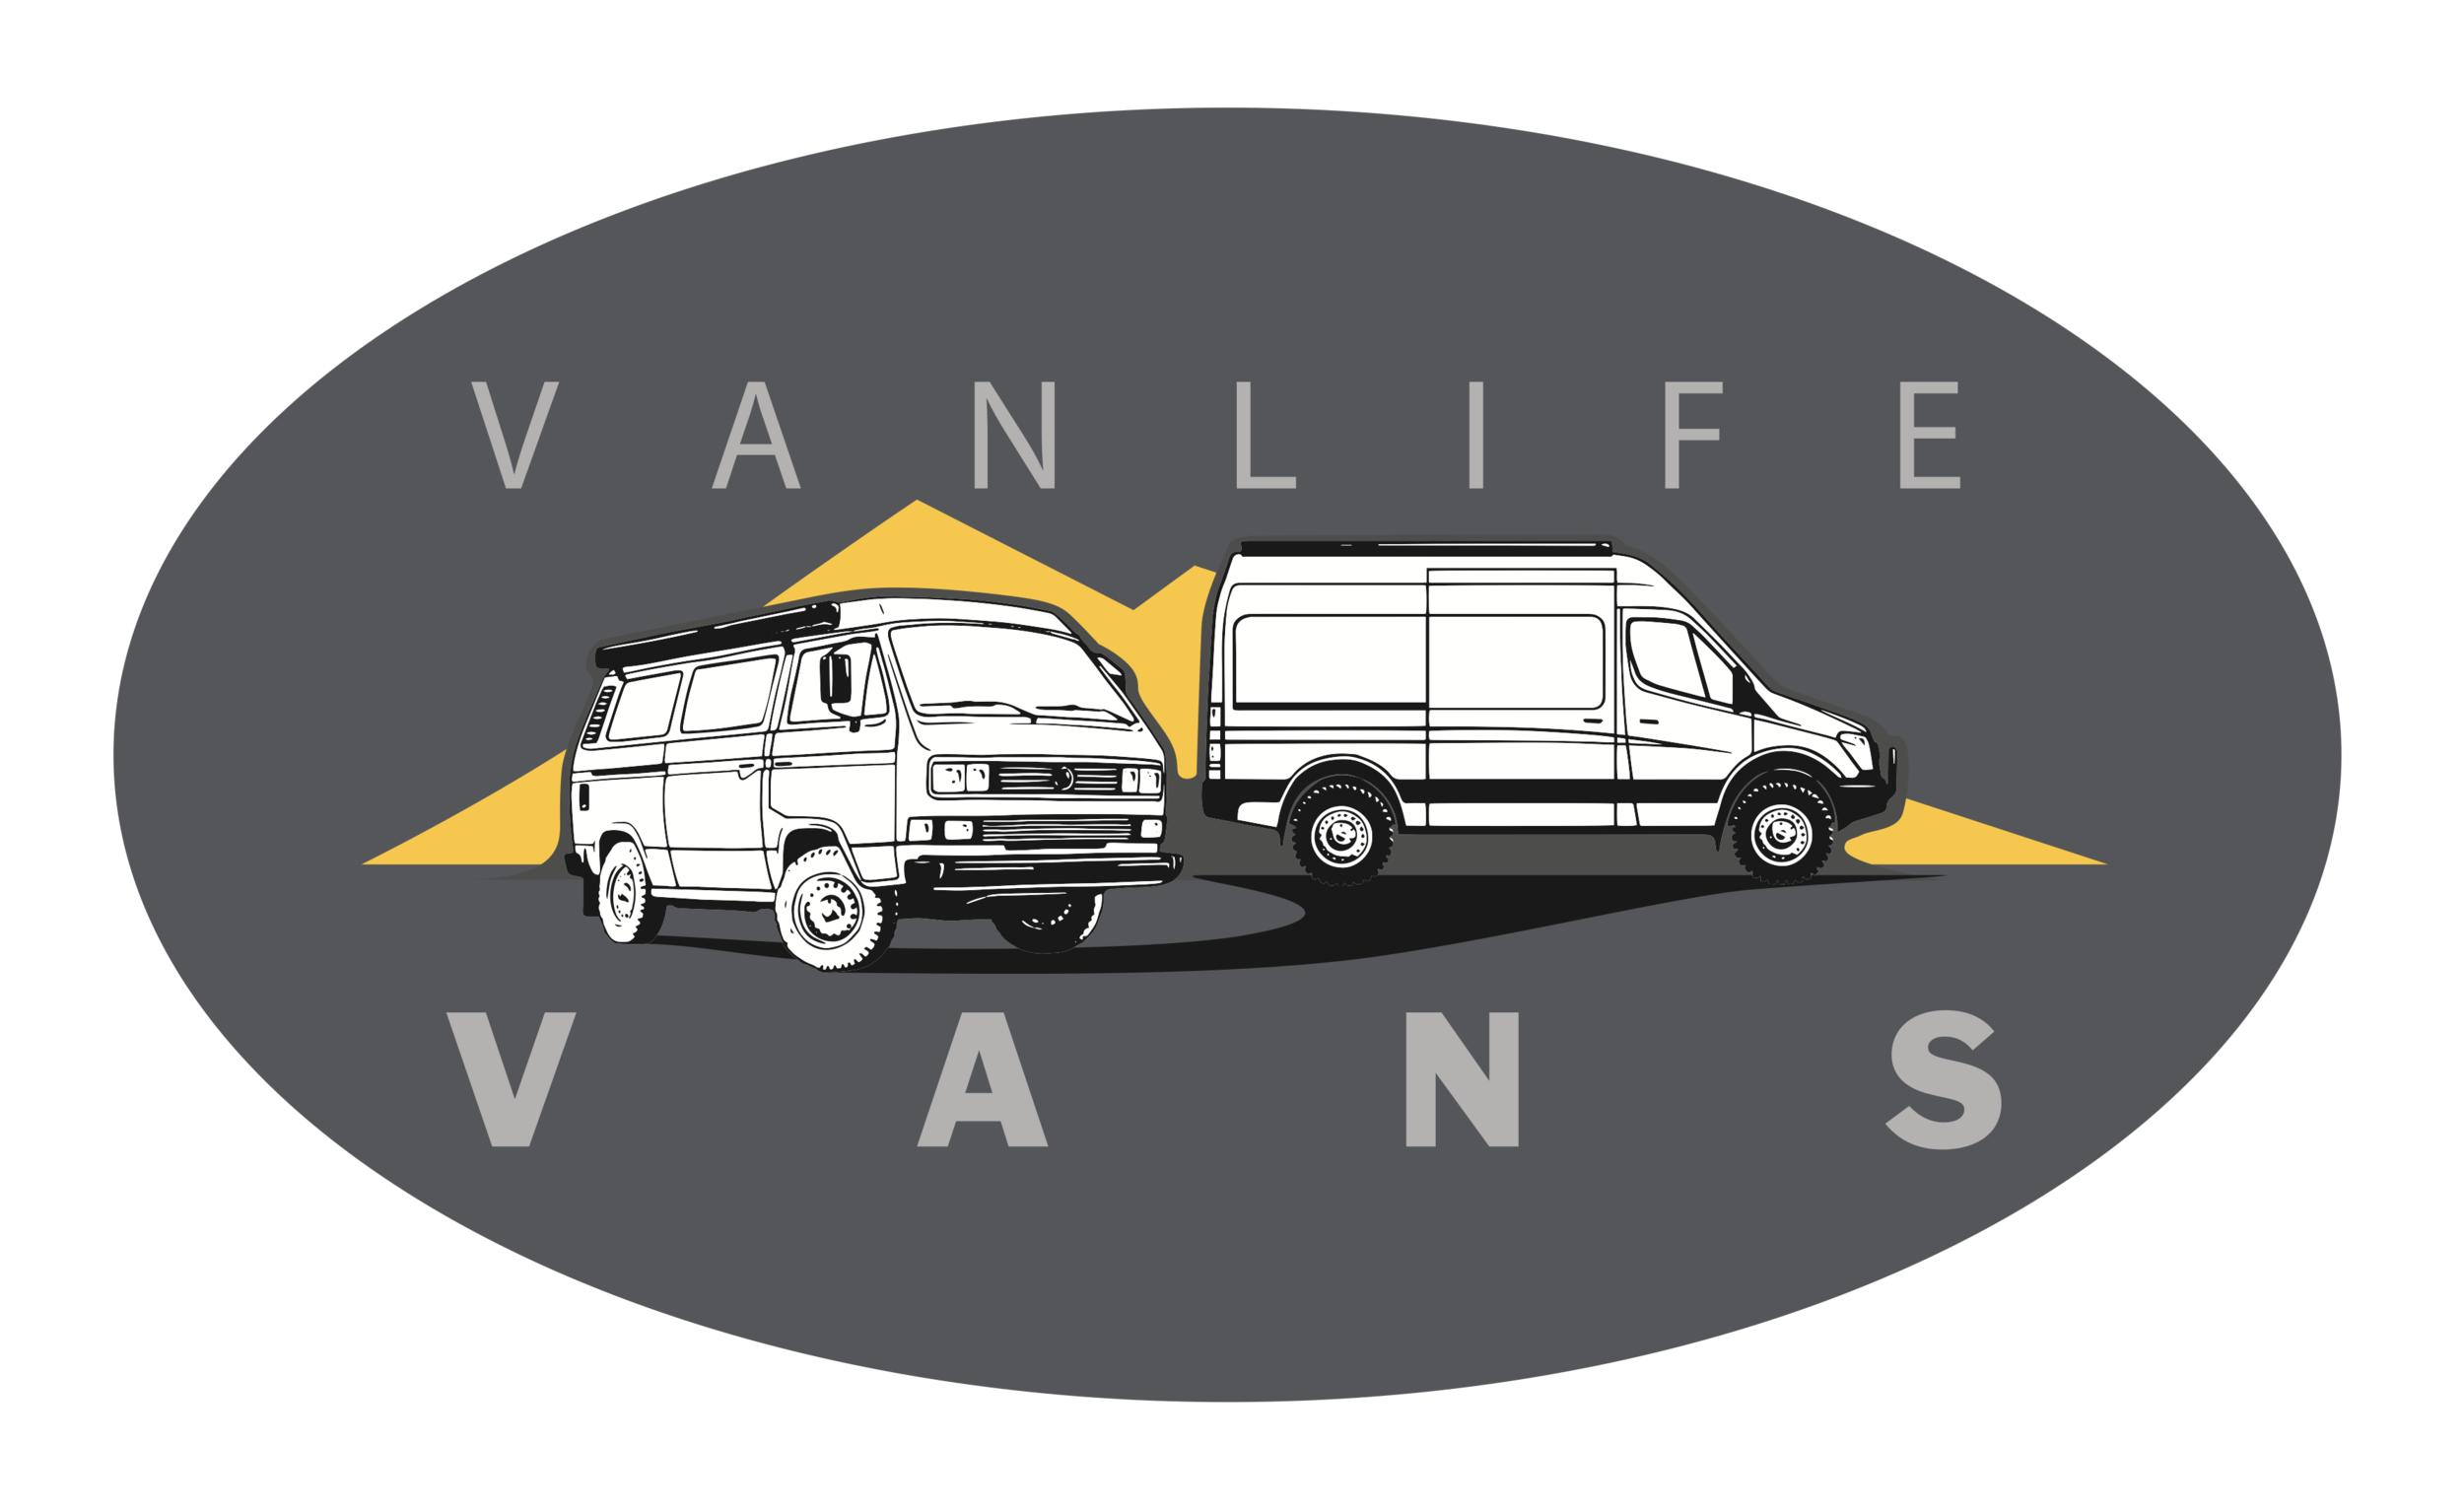 van life vans-final.png